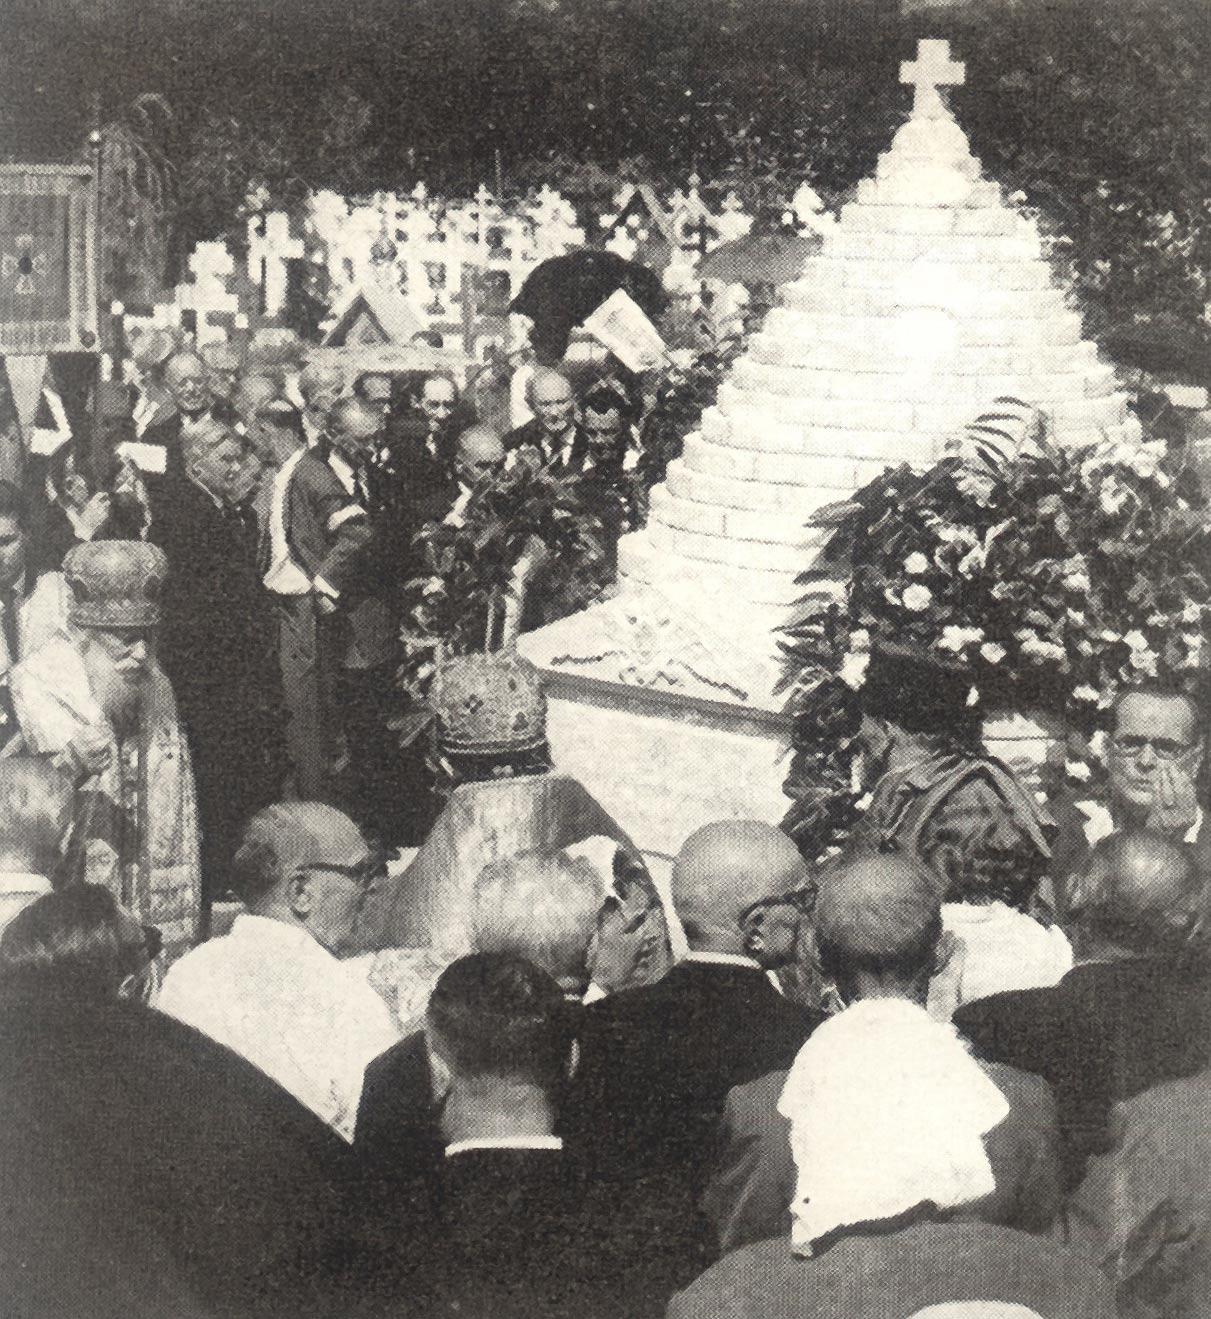 освящение галлиполийского памятника в Сент-Женевьев-де-Буа